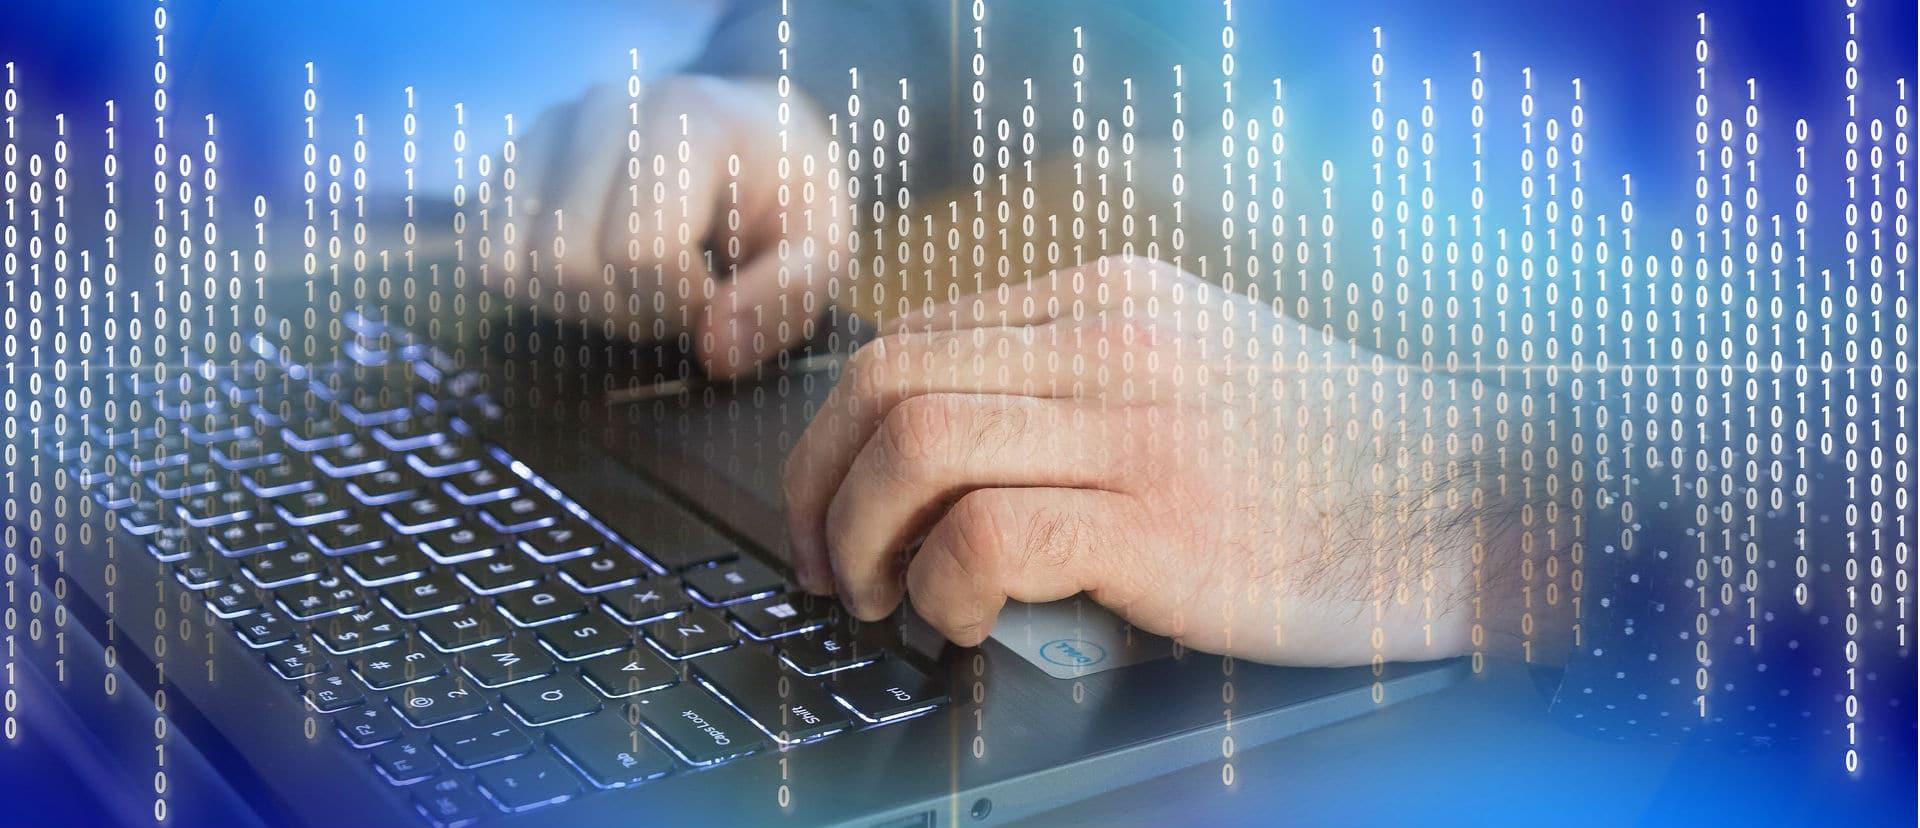 Las empresas españolas reconocen que sufren ciberataques con asiduidad